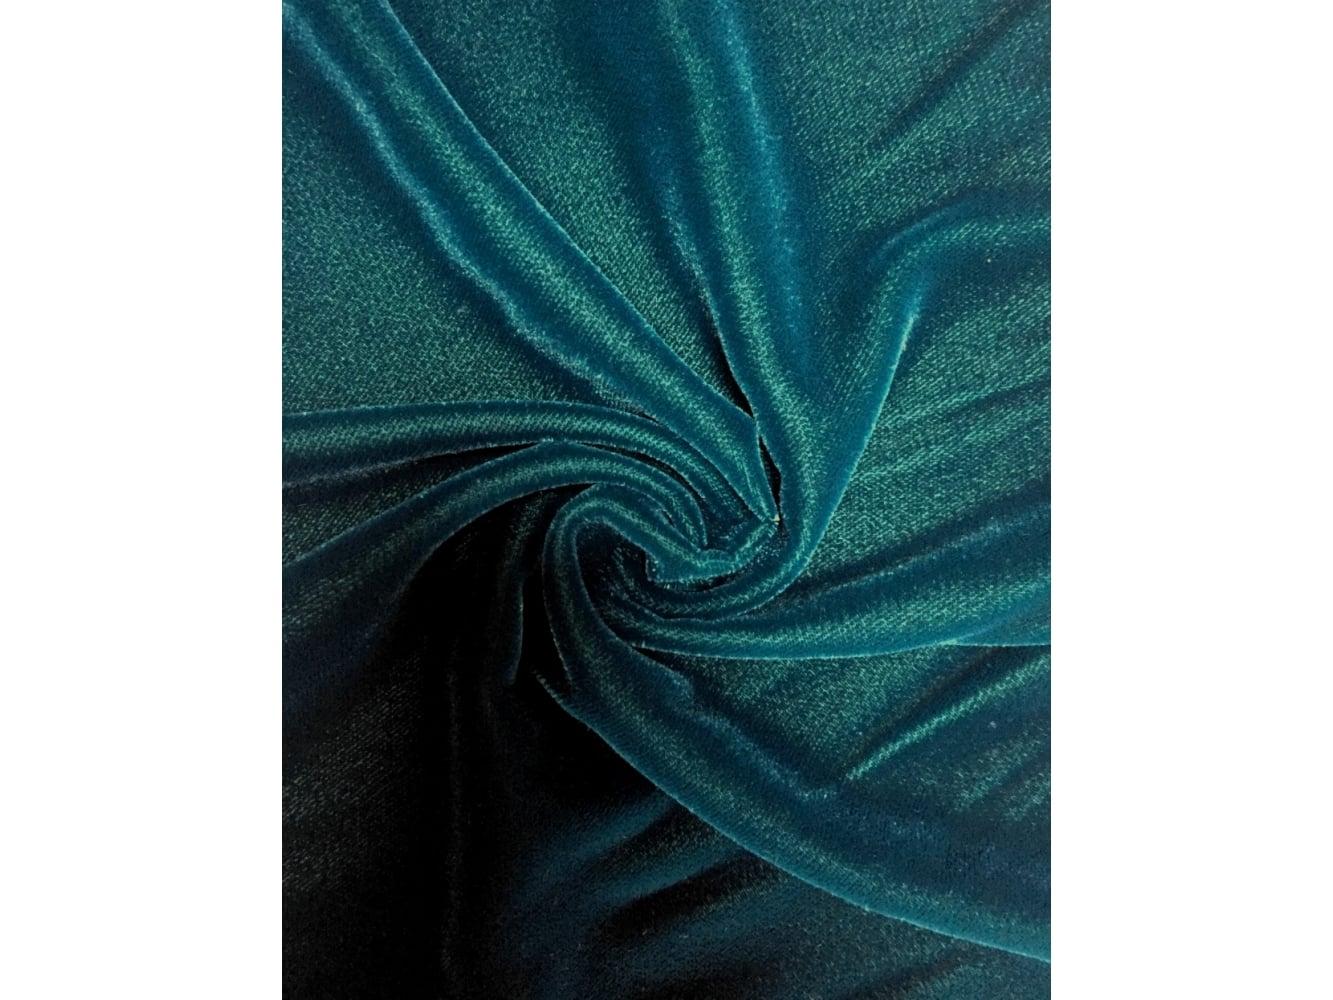 Astounding Micro Velvet Velour Fabric Ly Soft Tl Velour Velvet Velour Vs Velveteen dpreview Velour Vs Velvet